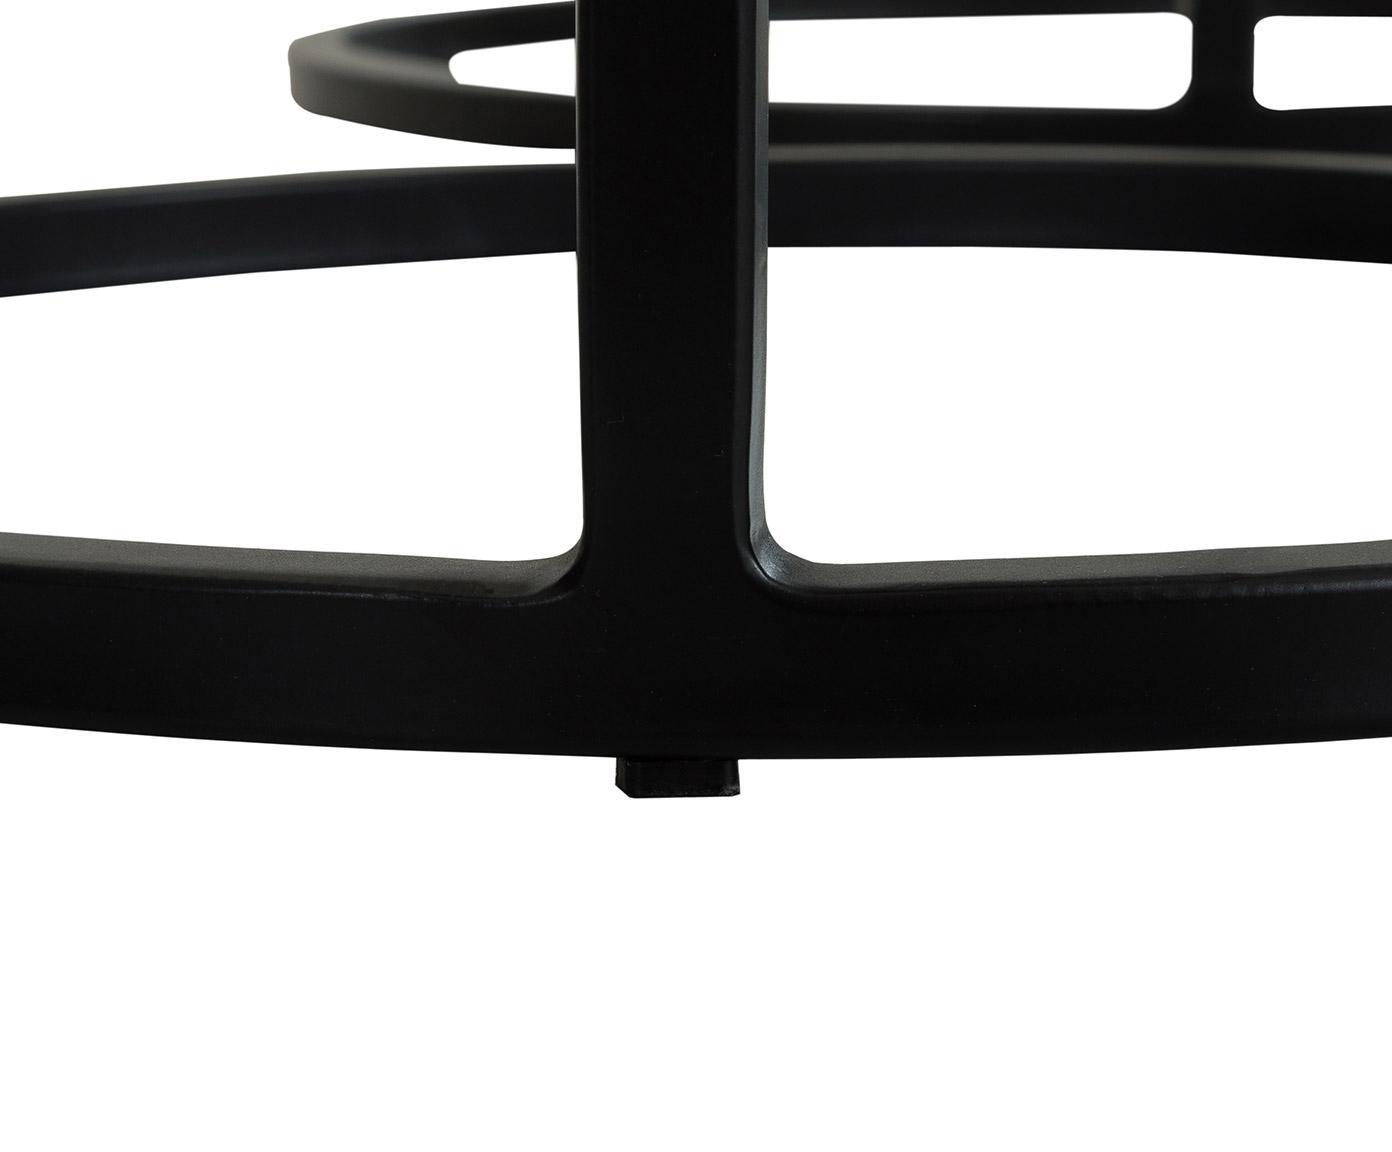 Komplet stolików pomocniczych Calvin, 3 elem., Blat: aluminium powlekane, Stelaż: metal lakierowany, Czarny z antycznym wykończeniem, Różne rozmiary